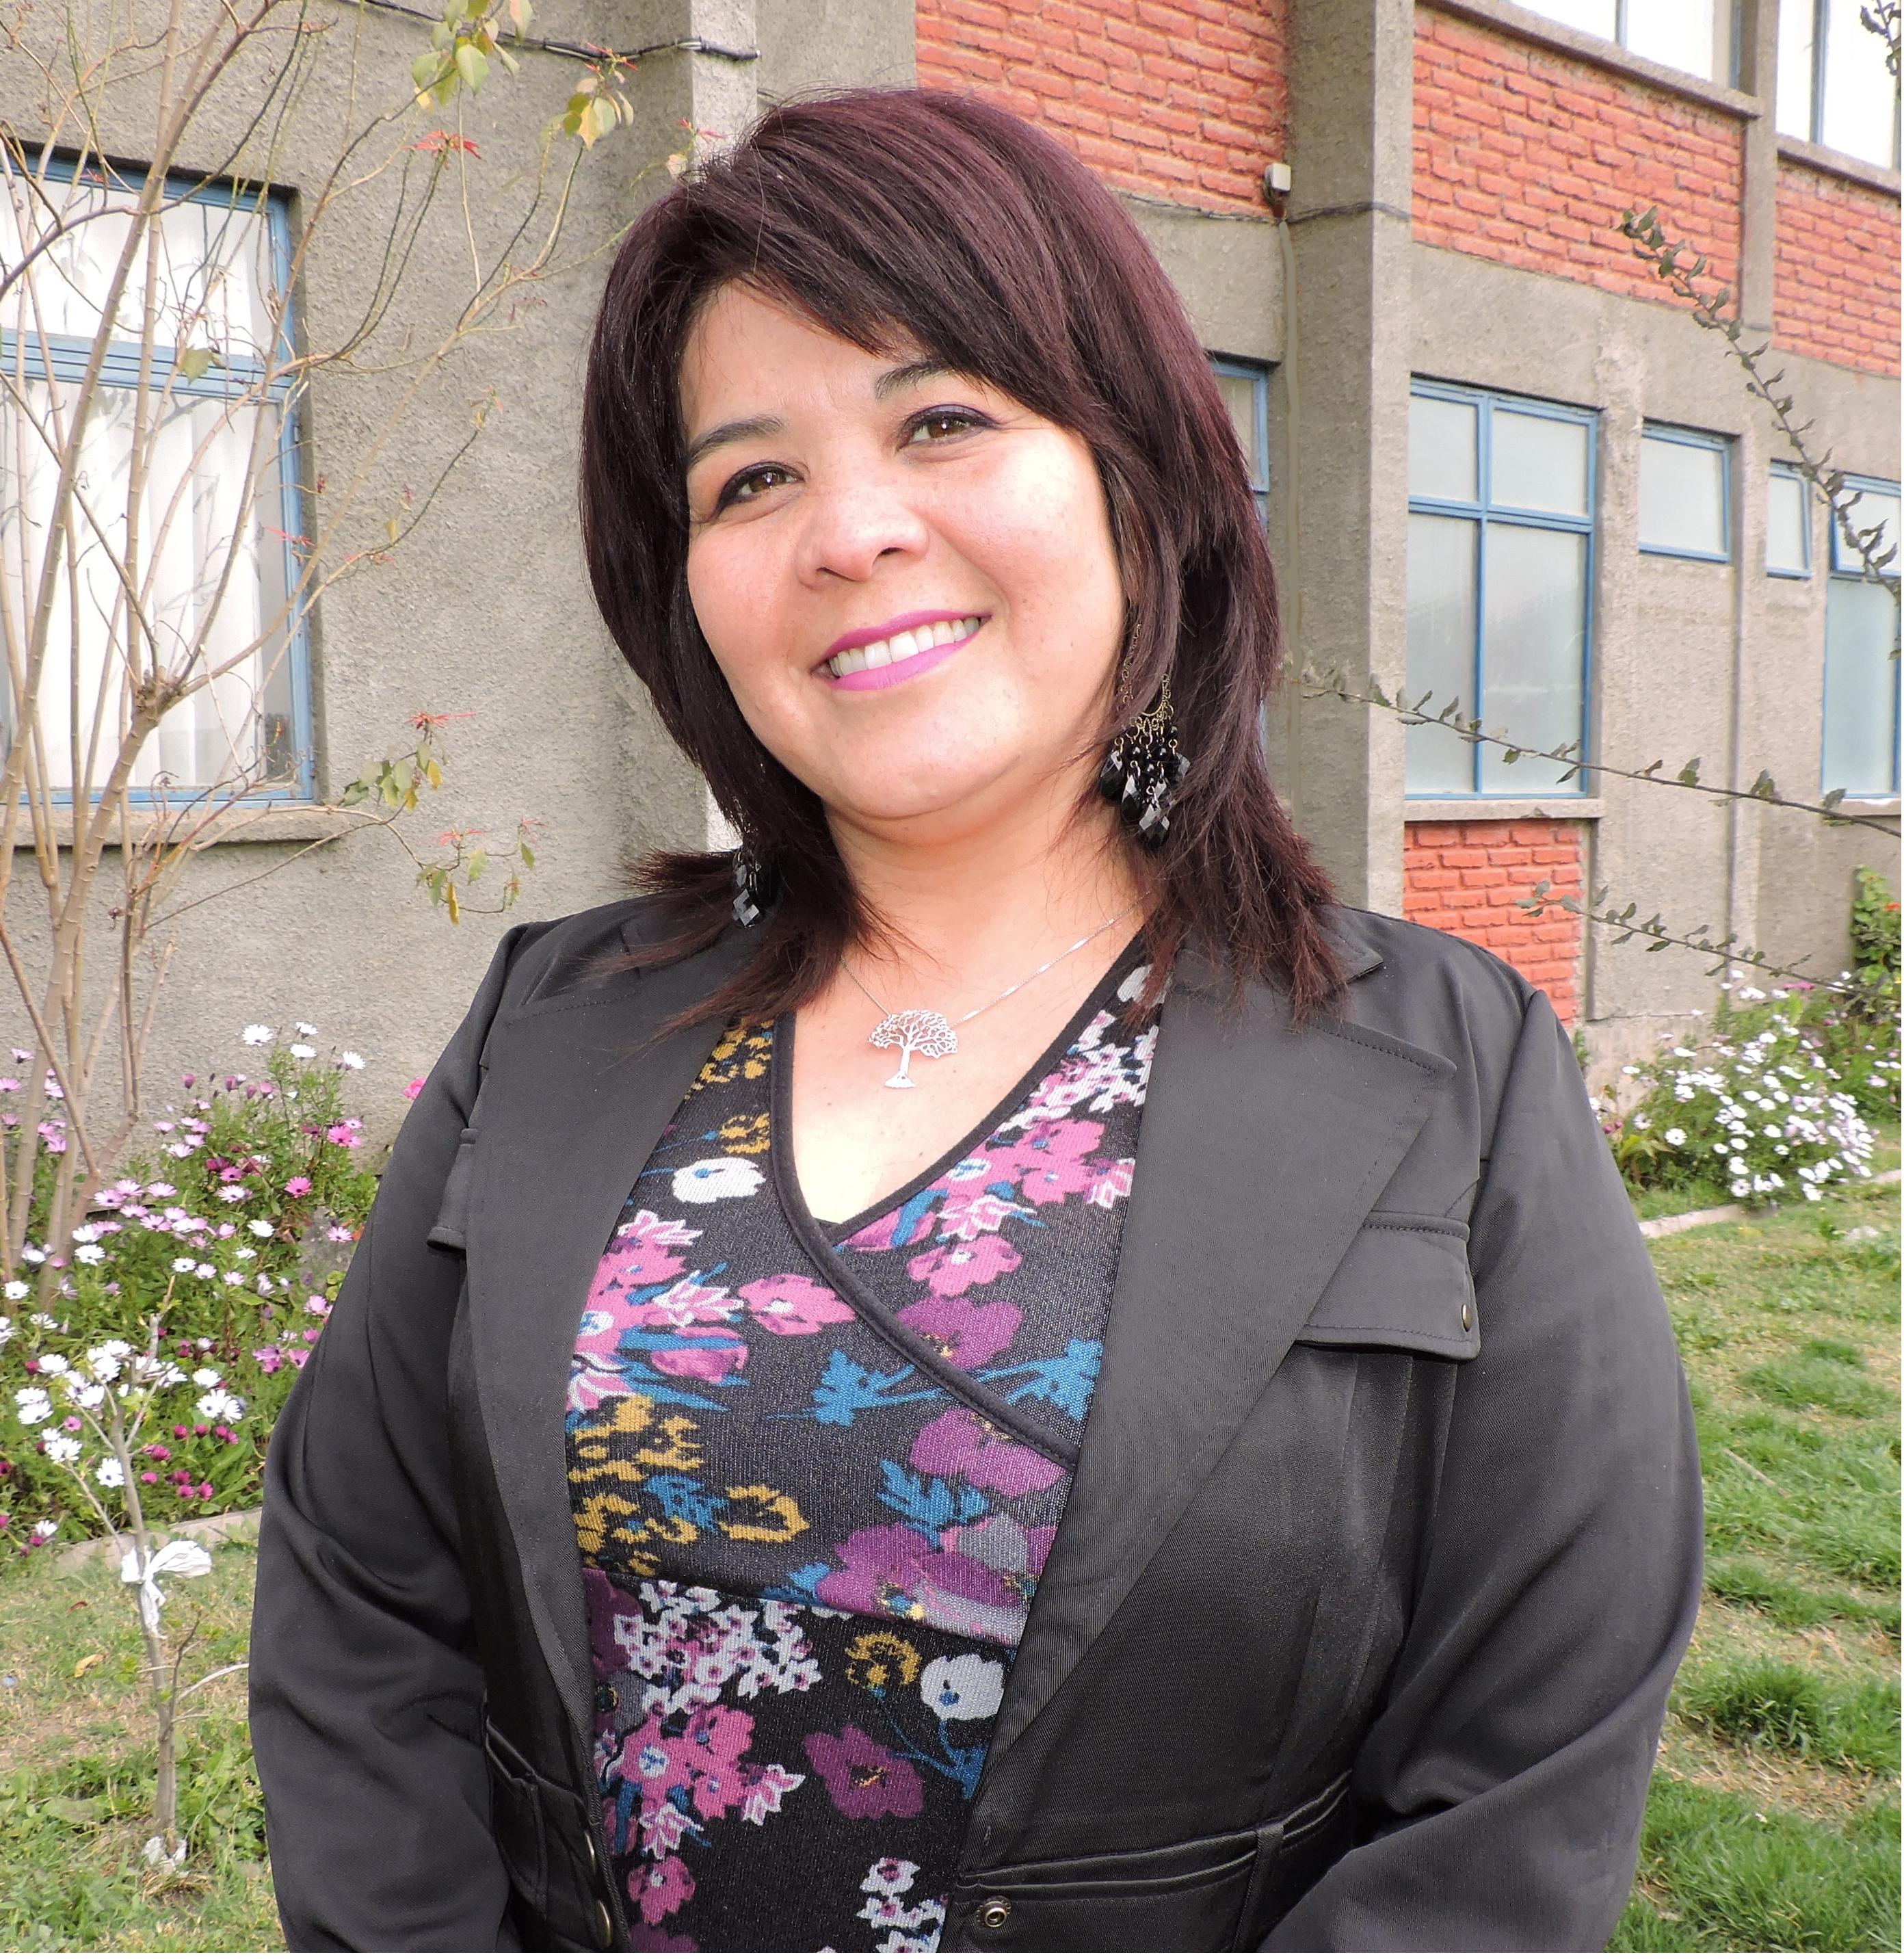 ERIKA MAGDALENA GAUNE MARTÍNEZ